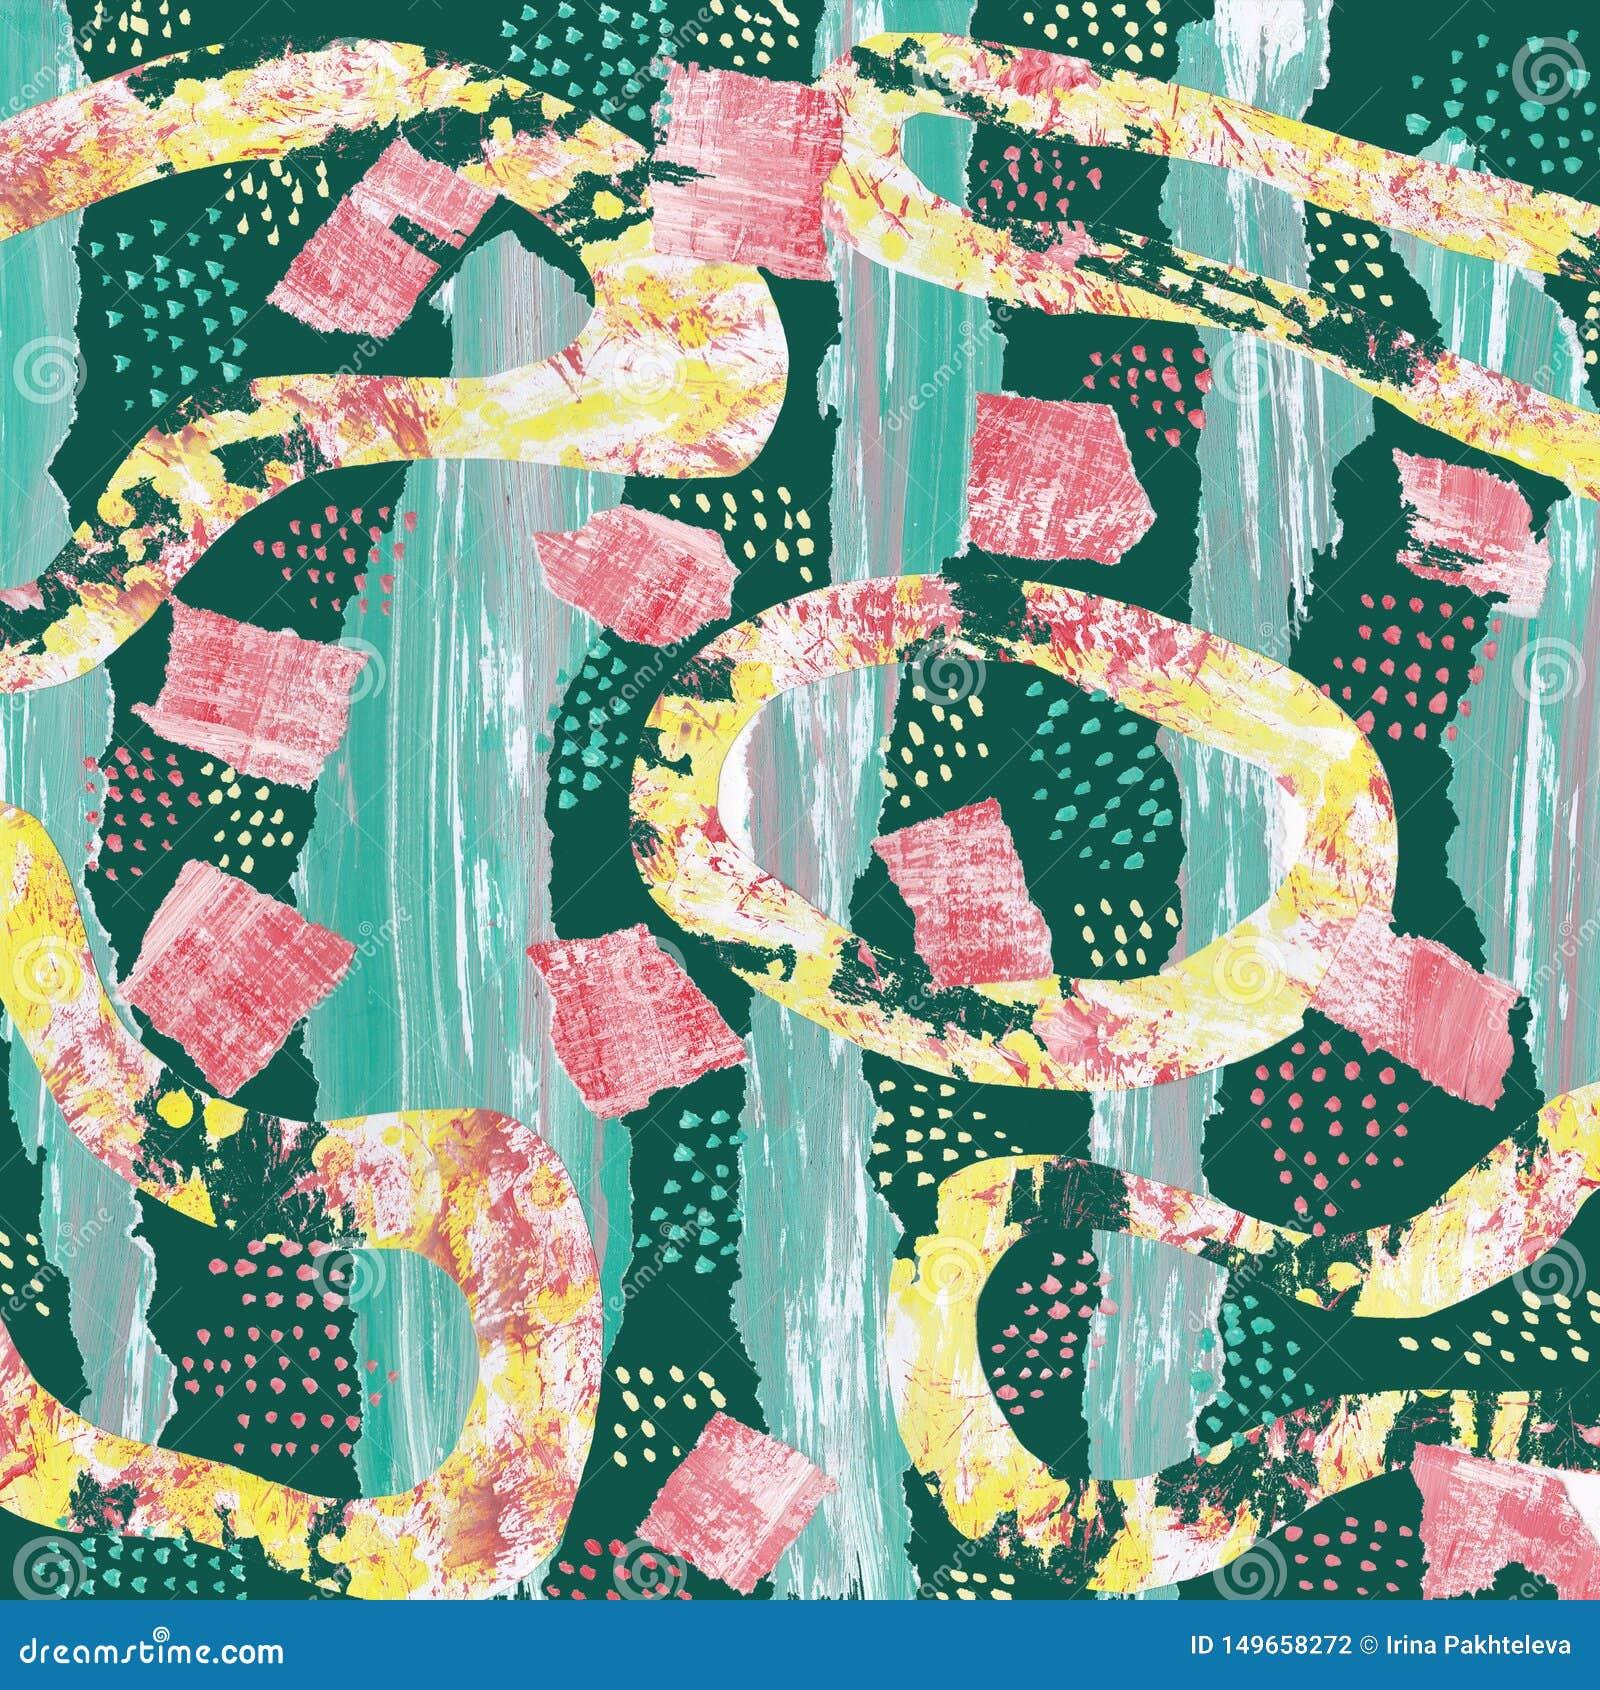 Abstracte achtergrond met een collage van multi-colored elementen